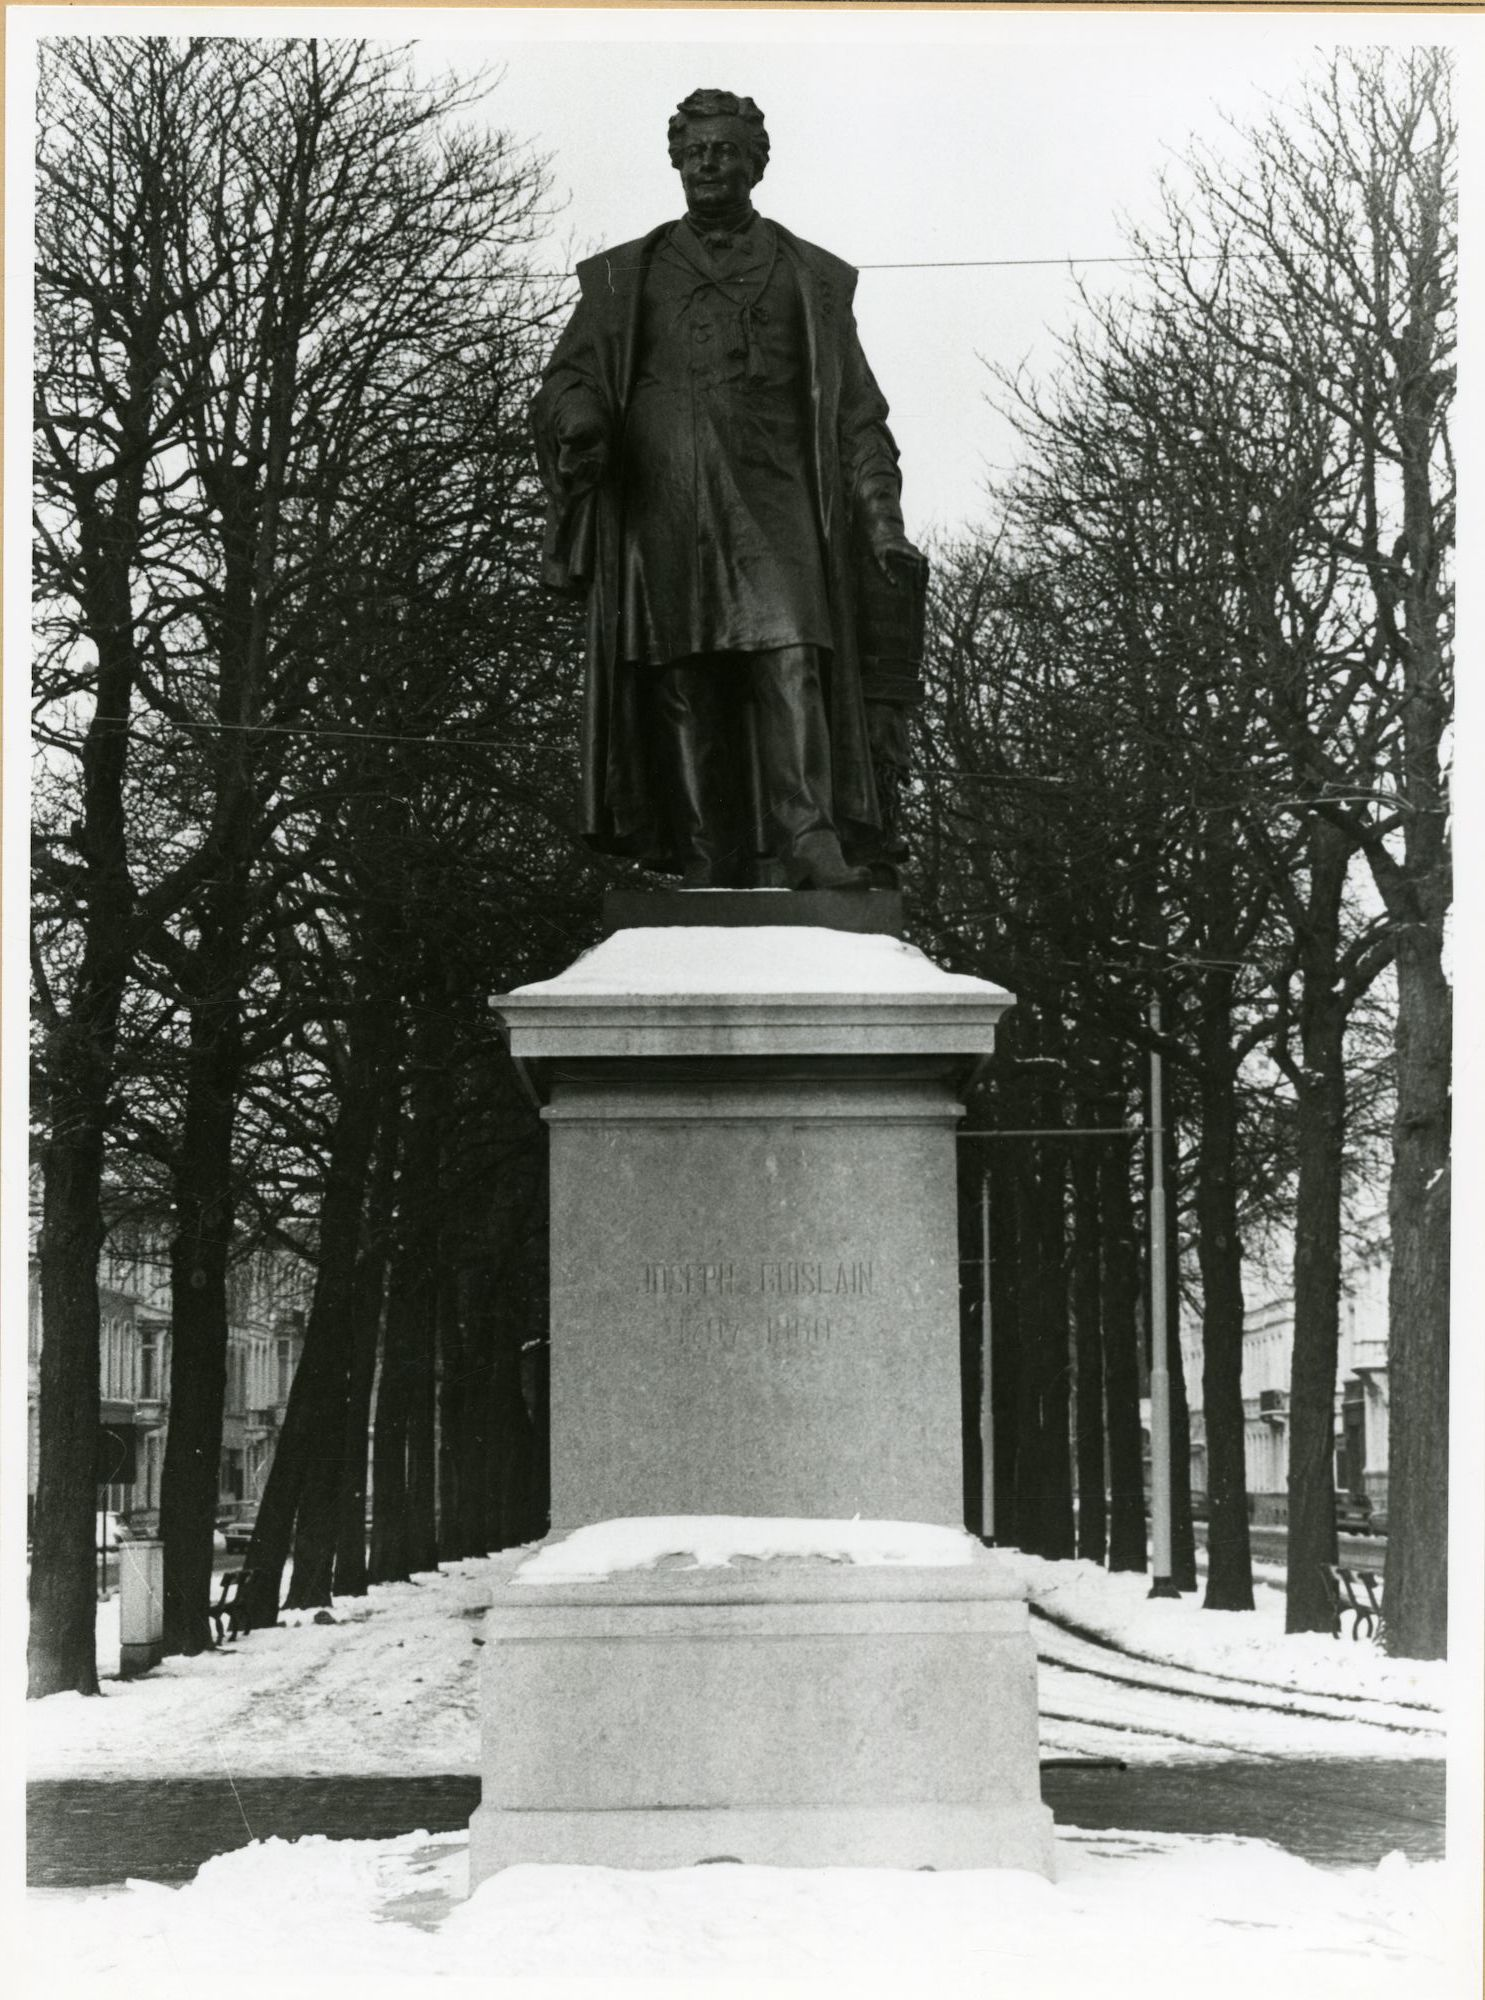 Gent: Begijnhoflaan: standbeeld van Joseph Guislain in de sneeuw